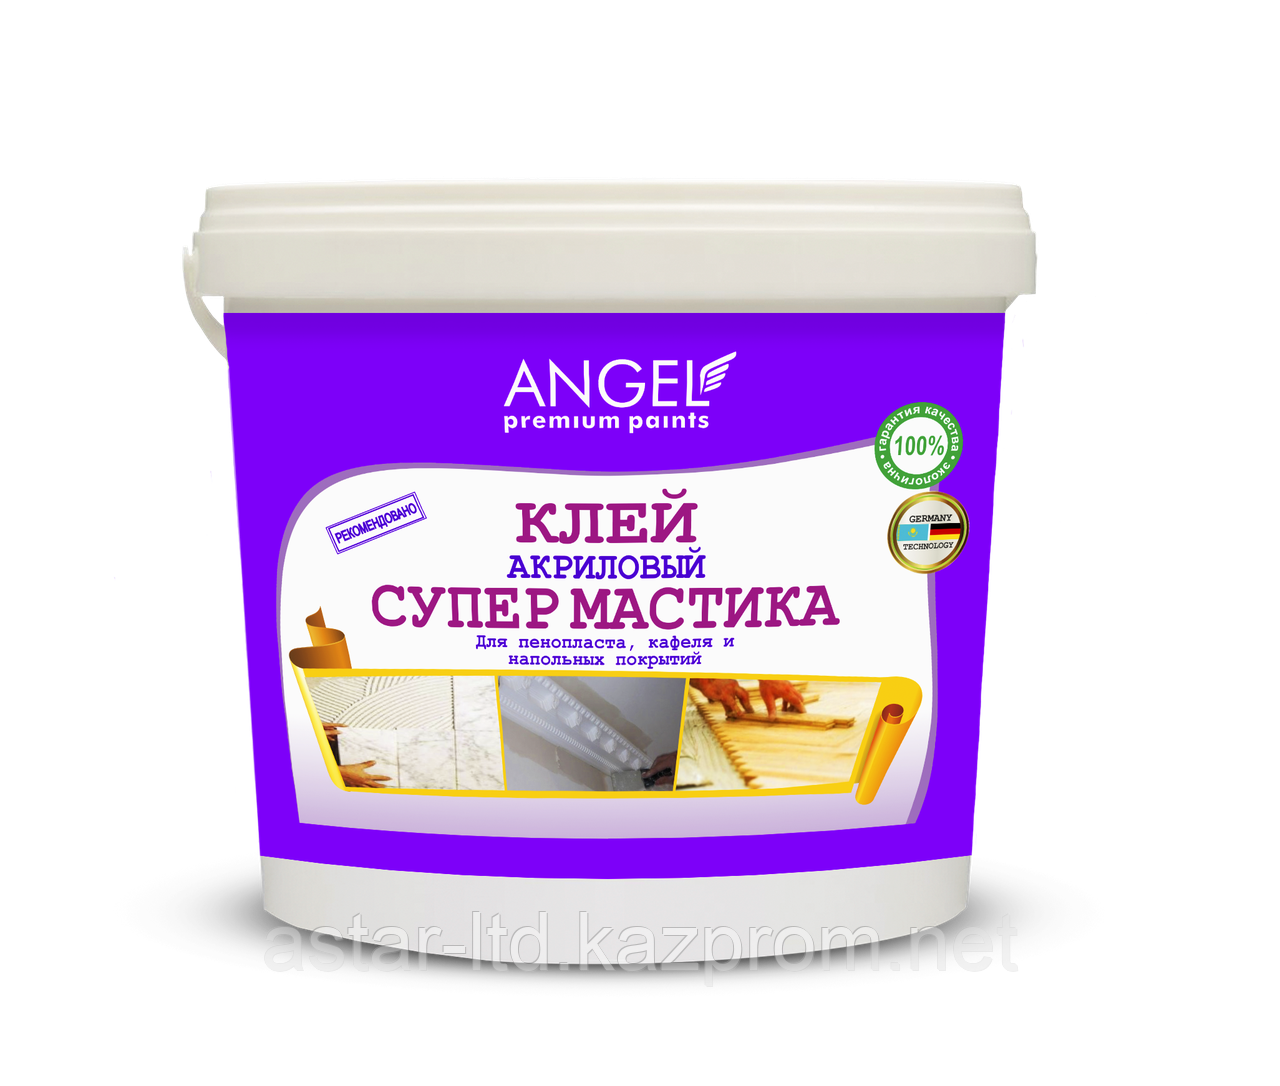 """Клей акриловый Супермастика """"Angel"""" 3,5 кг"""